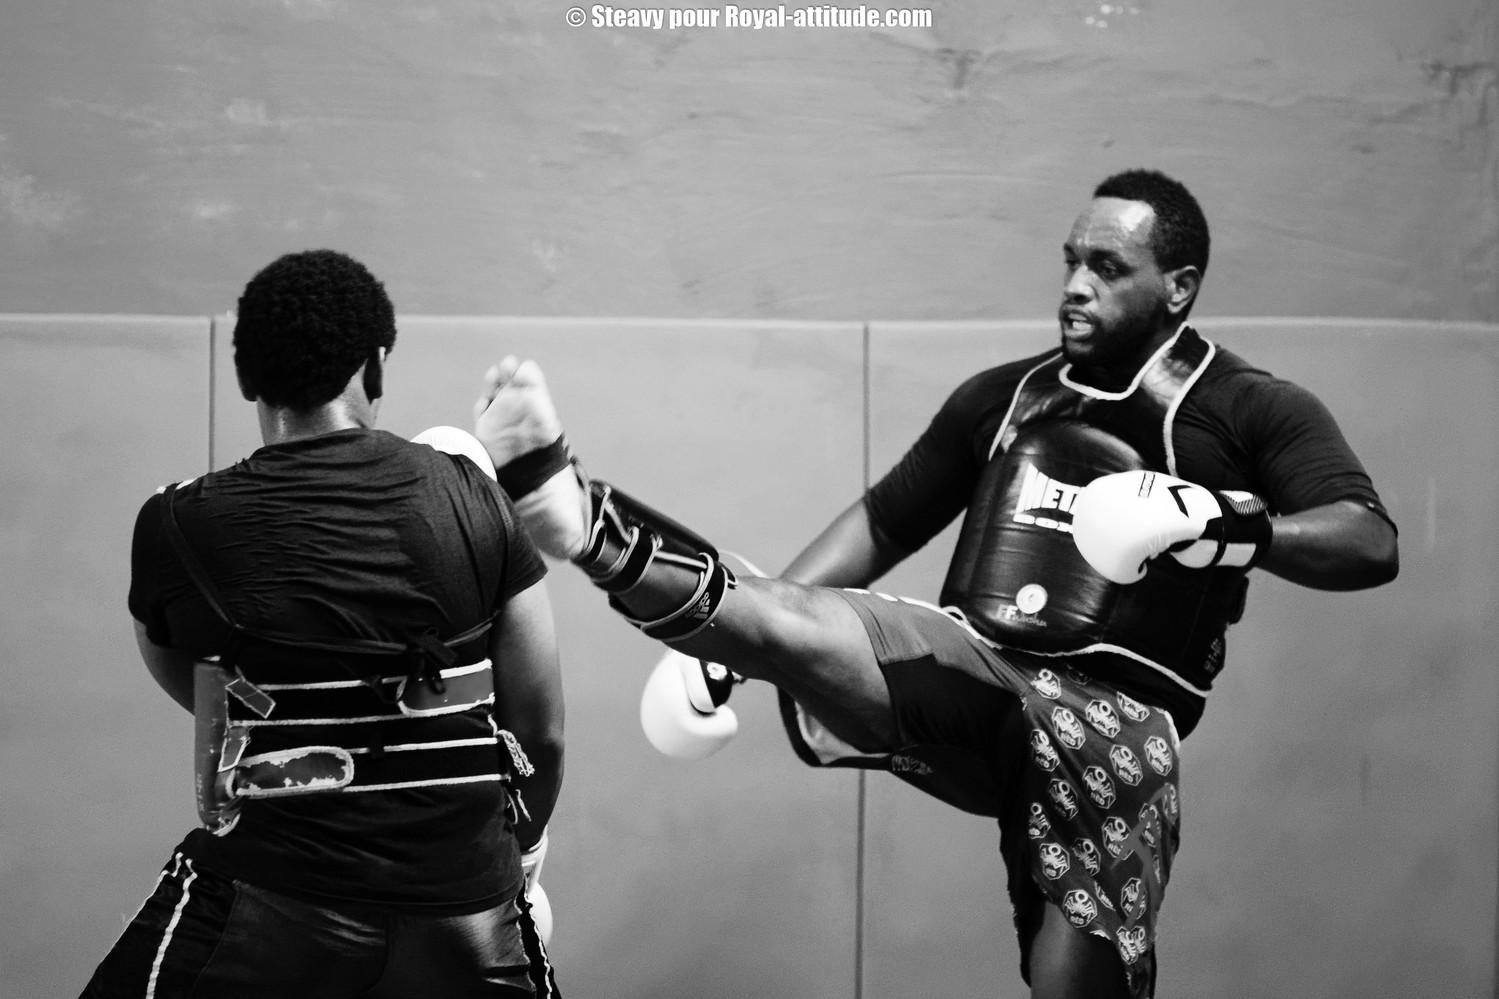 Tournoi boxe2018-27.JPG